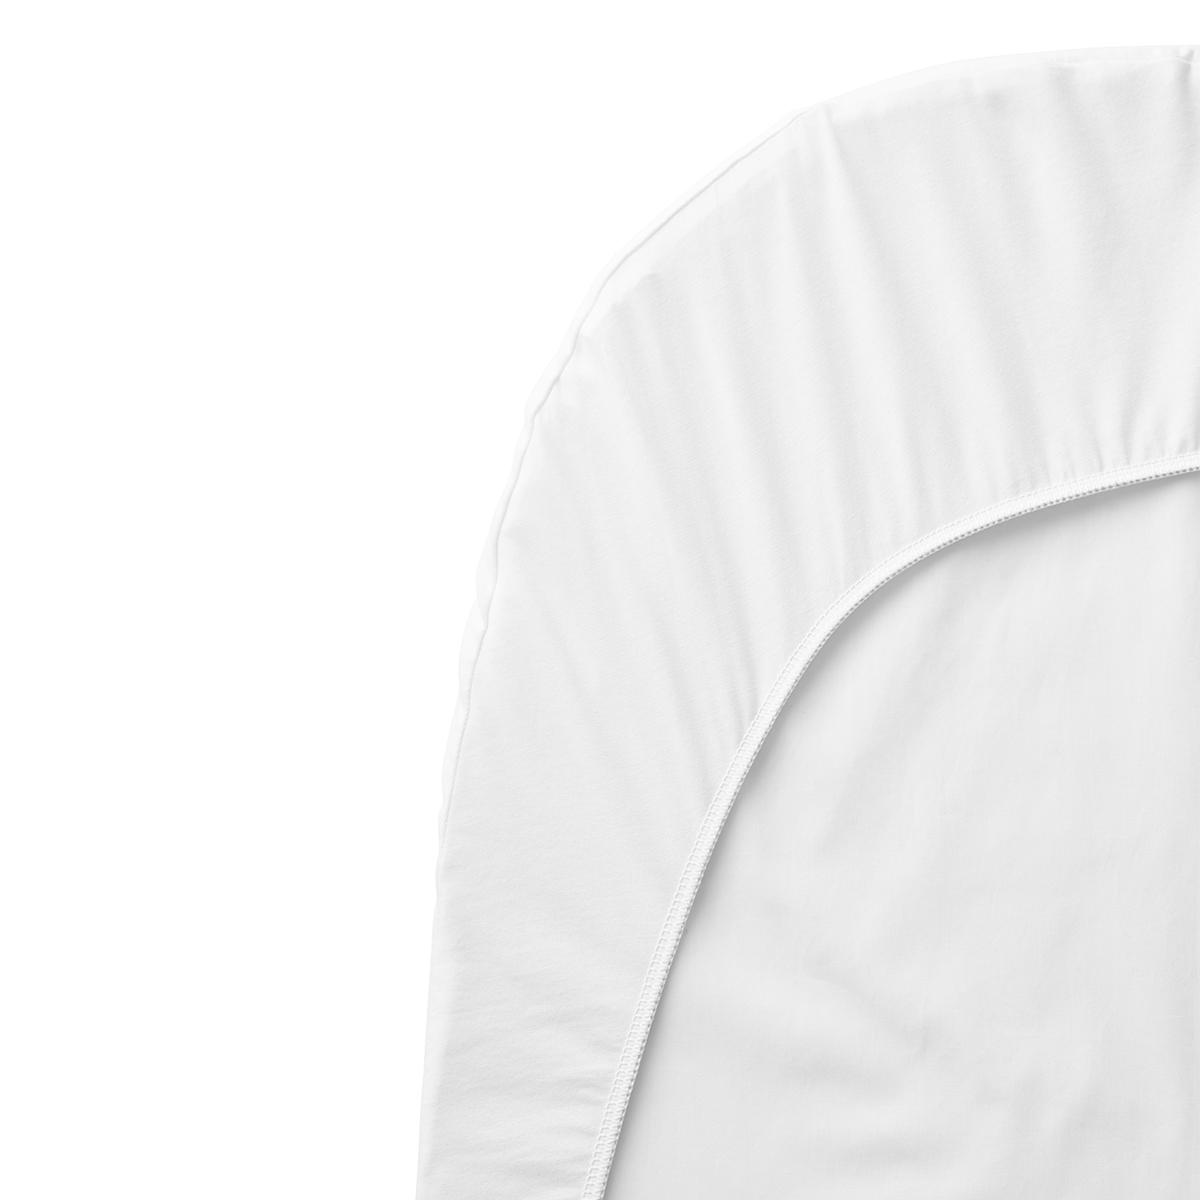 Linge de lit Drap Housse Berceau Evolutif Blanc - 54 x 104 cm Drap Housse Berceau Evolutif Blanc - 54 x 104 cm